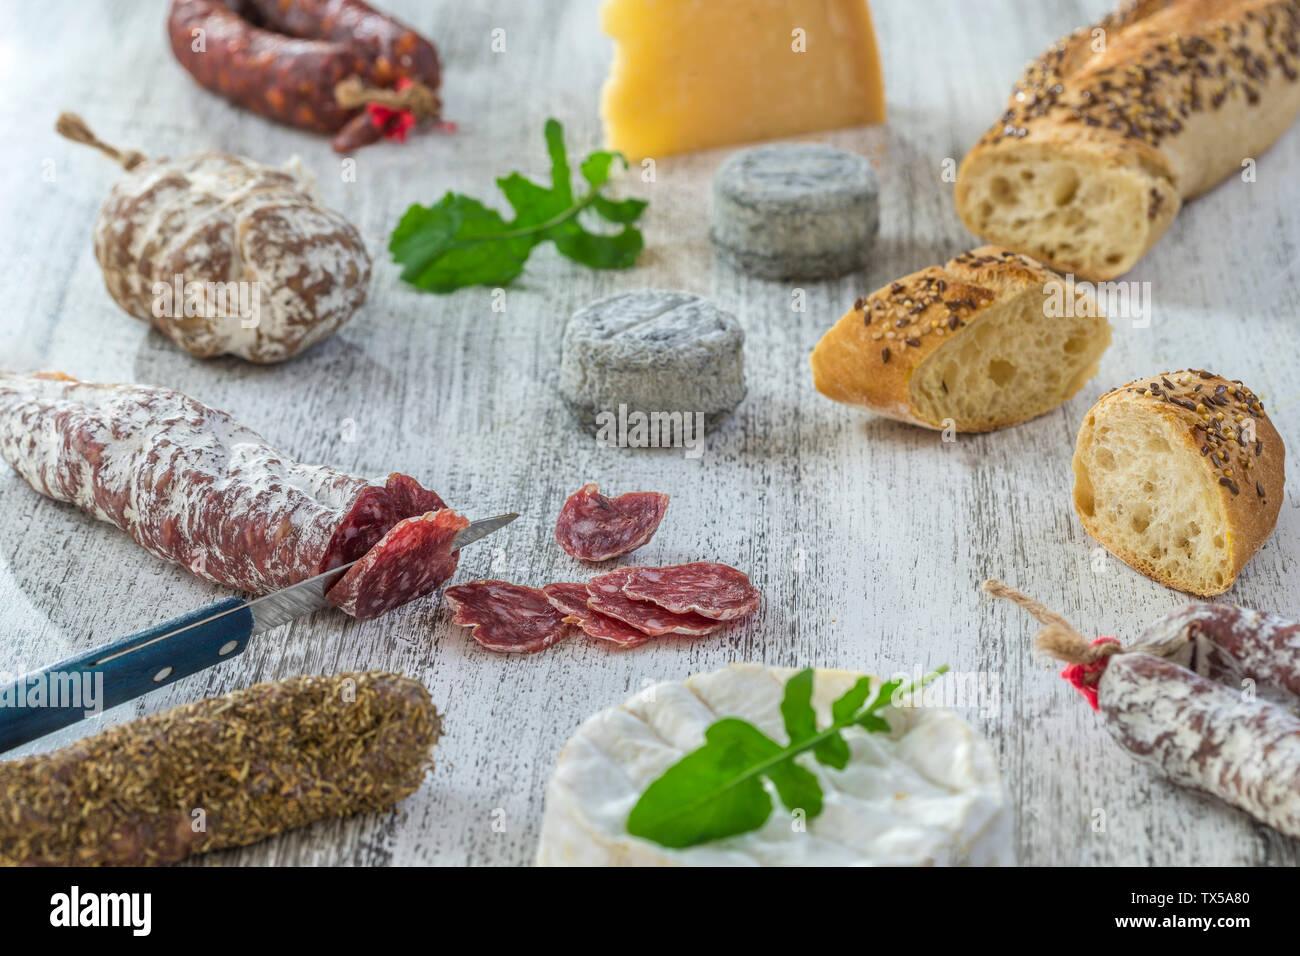 Des collations avec du vin français - divers types de fromages, pain , les saucissons secs, charcuterie, vigne rouge sur un fond gris. Vue d'en haut. Arrière-plan de l'alimentation Banque D'Images